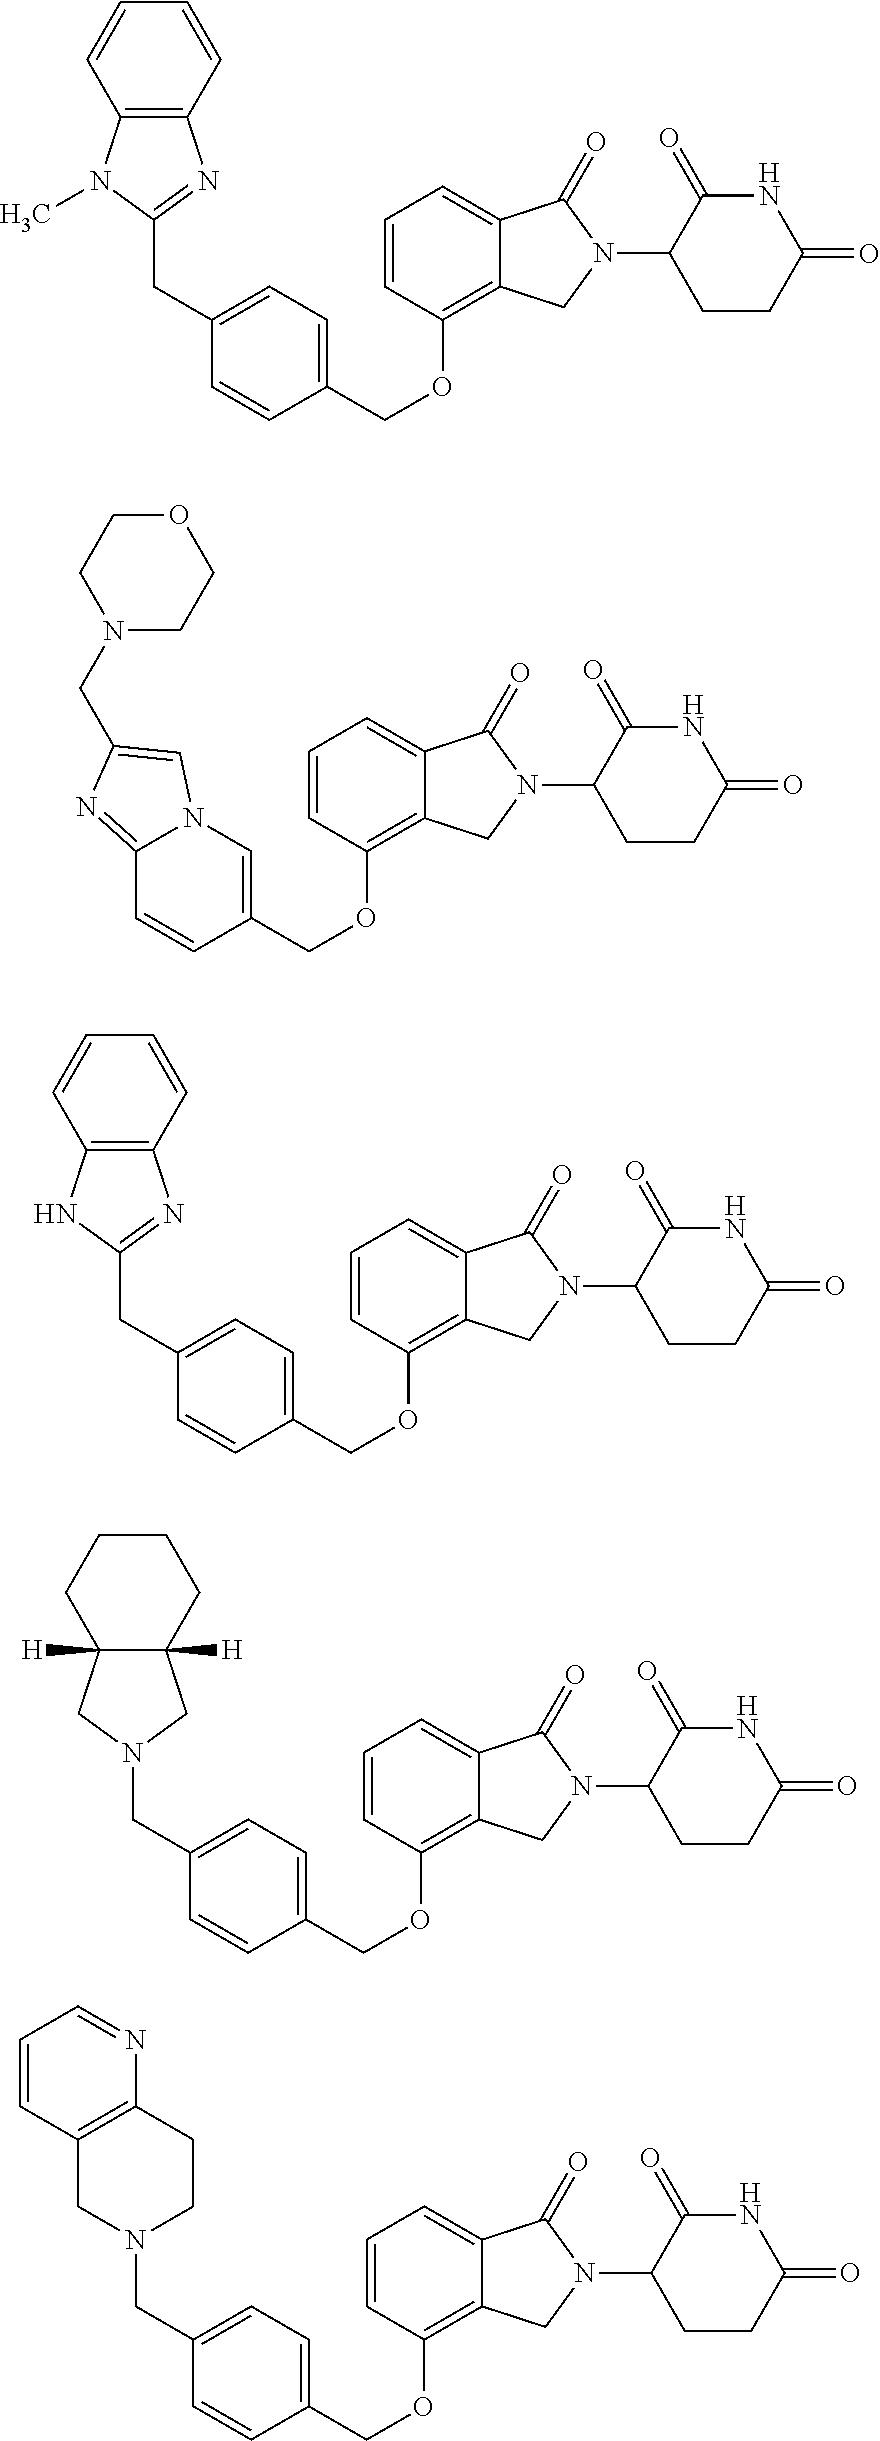 Figure US20110196150A1-20110811-C00016